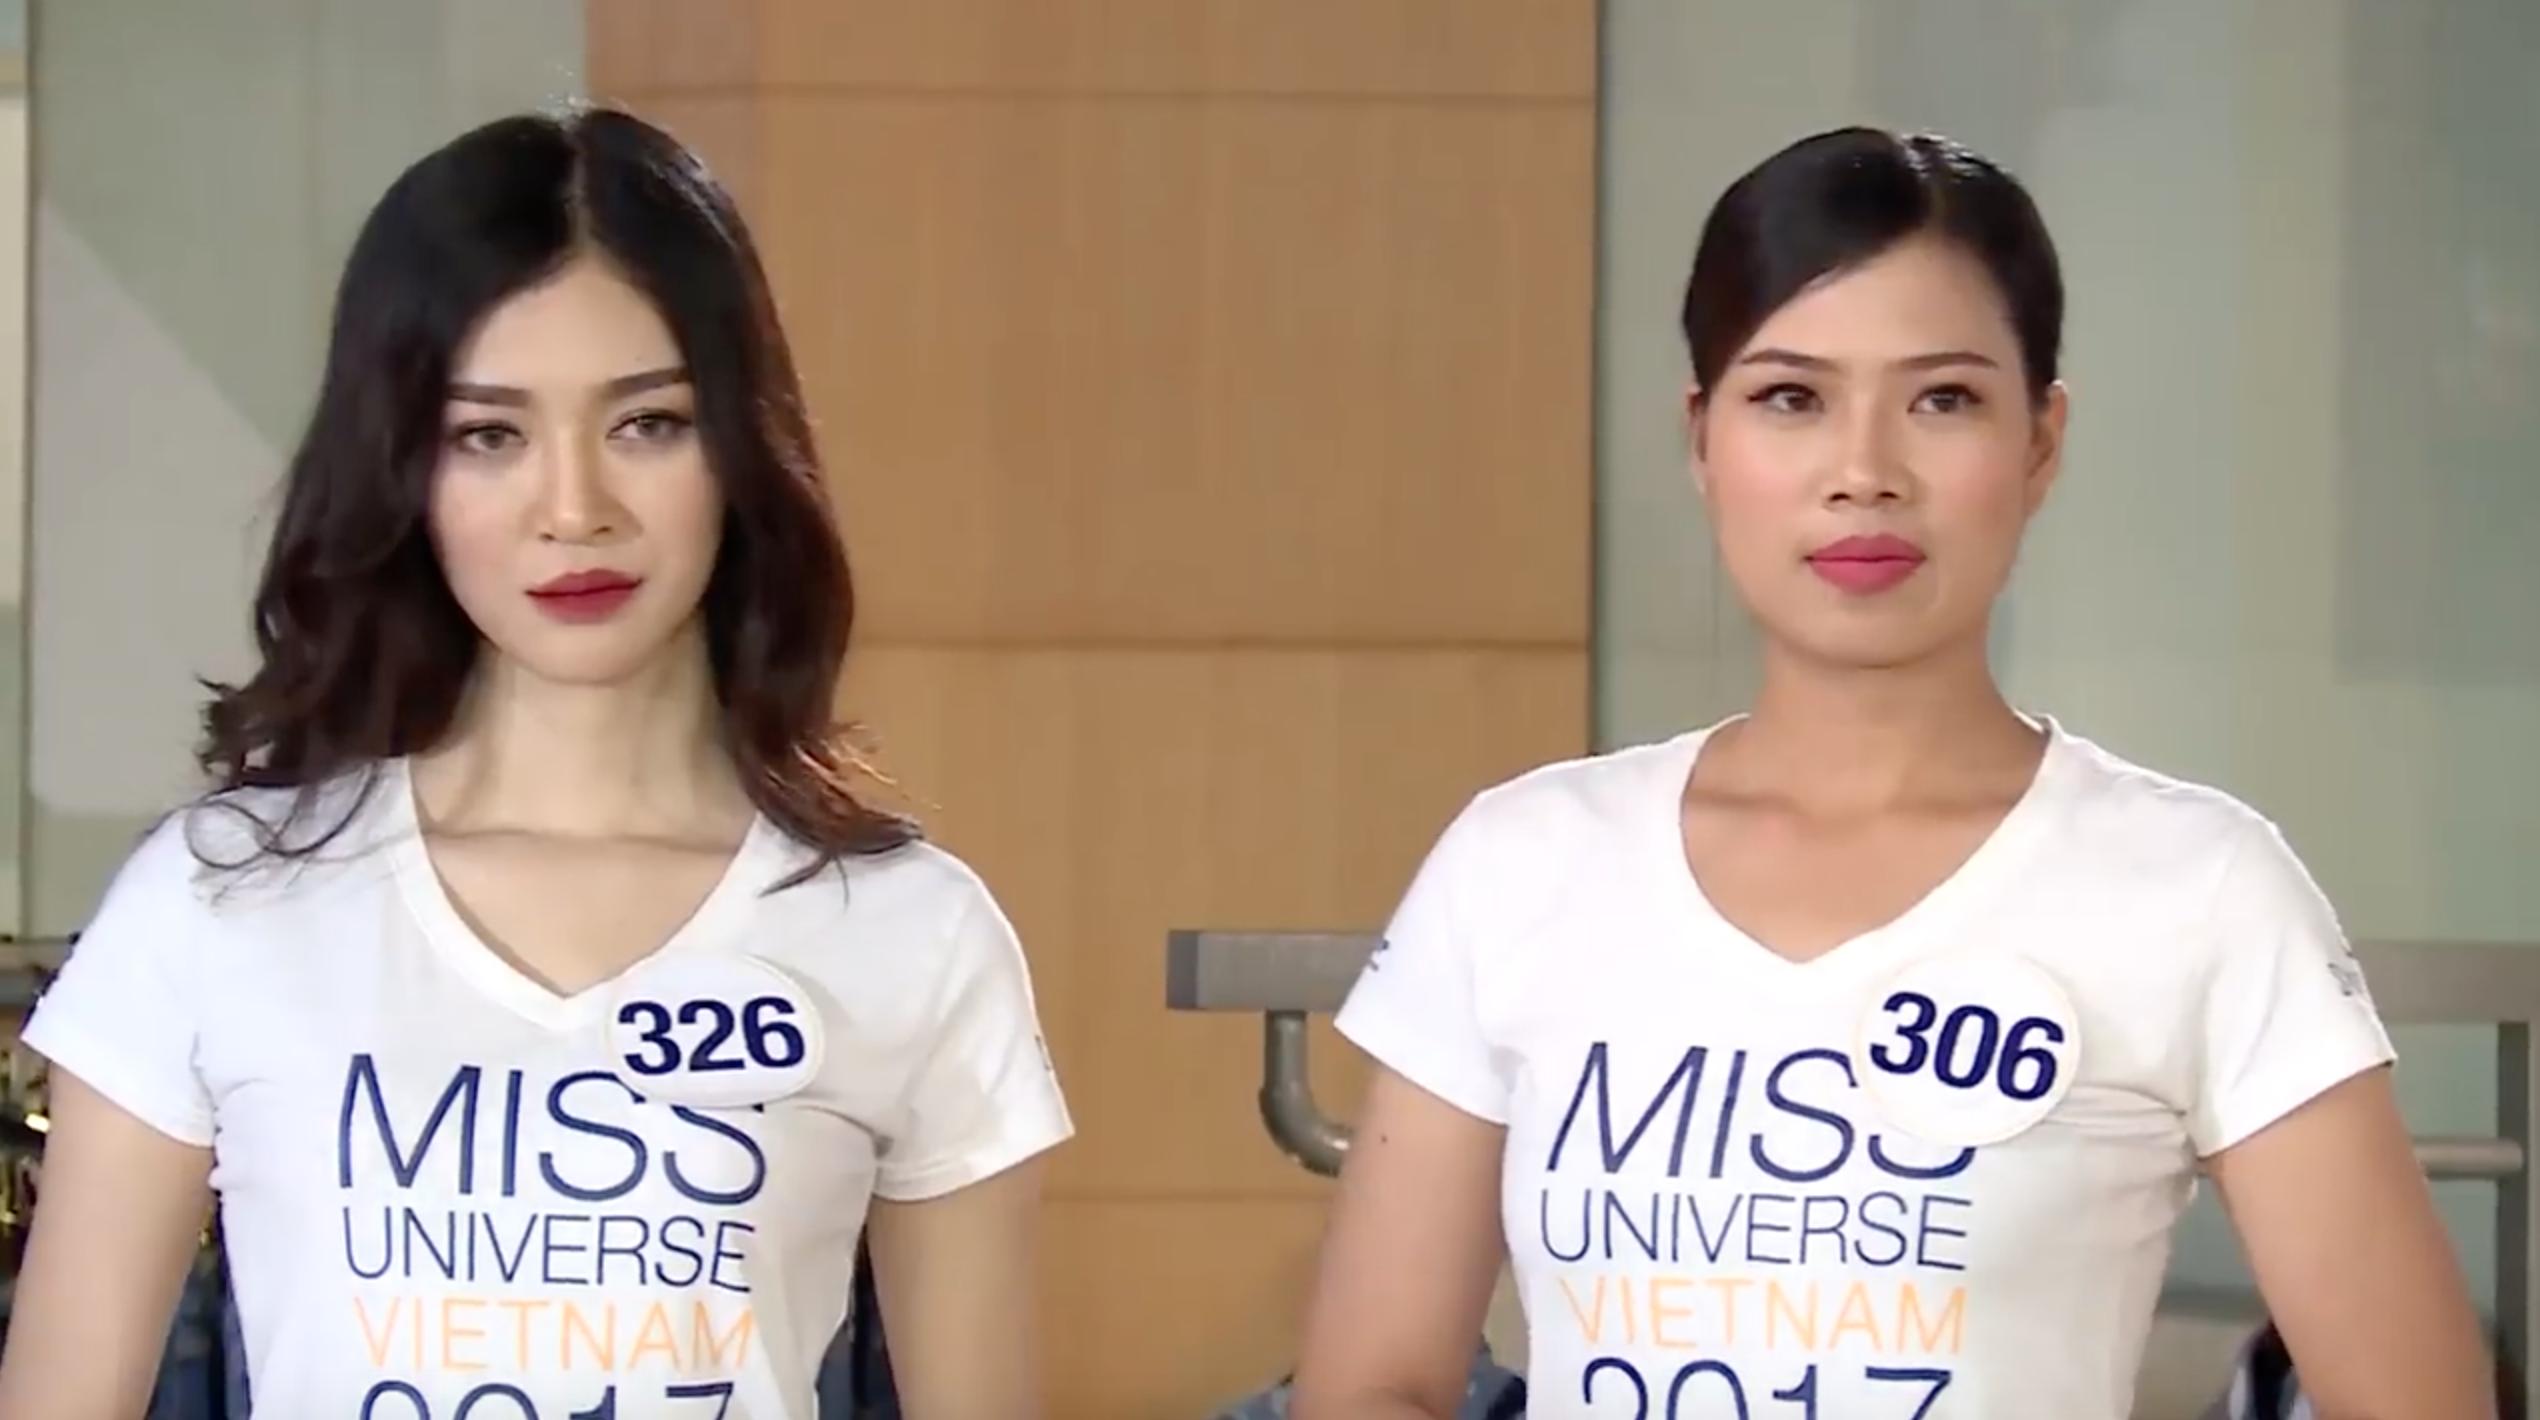 Ai là thí sinh Hoa hậu Hoàn vũ VN bị đánh giá thiếu trung thực? - Ảnh 2.